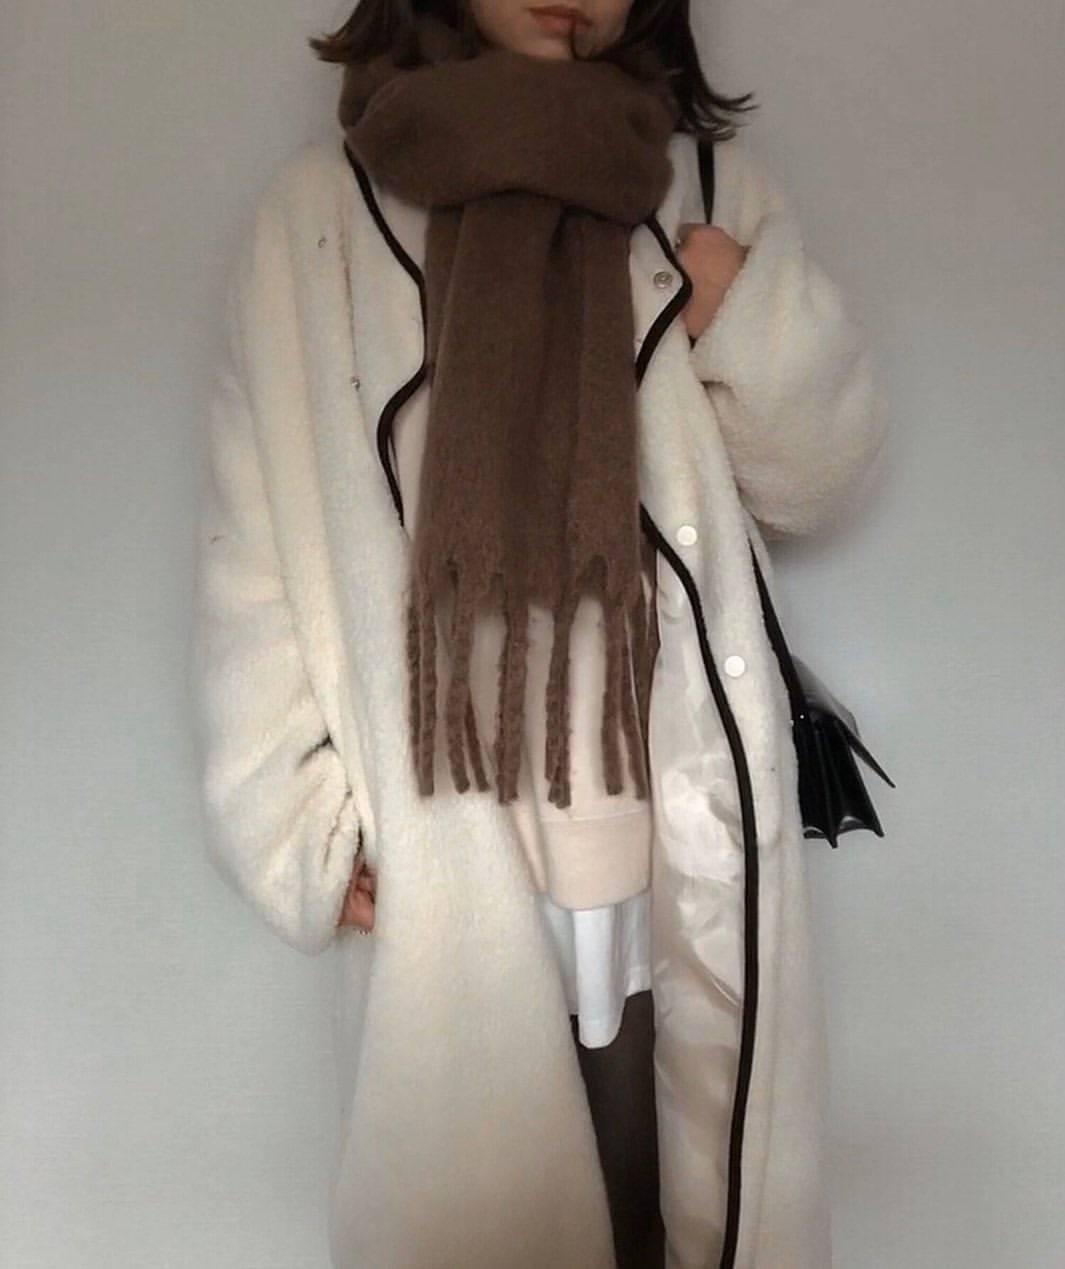 最高気温15度・最低気温6度 a8d4c4の服装